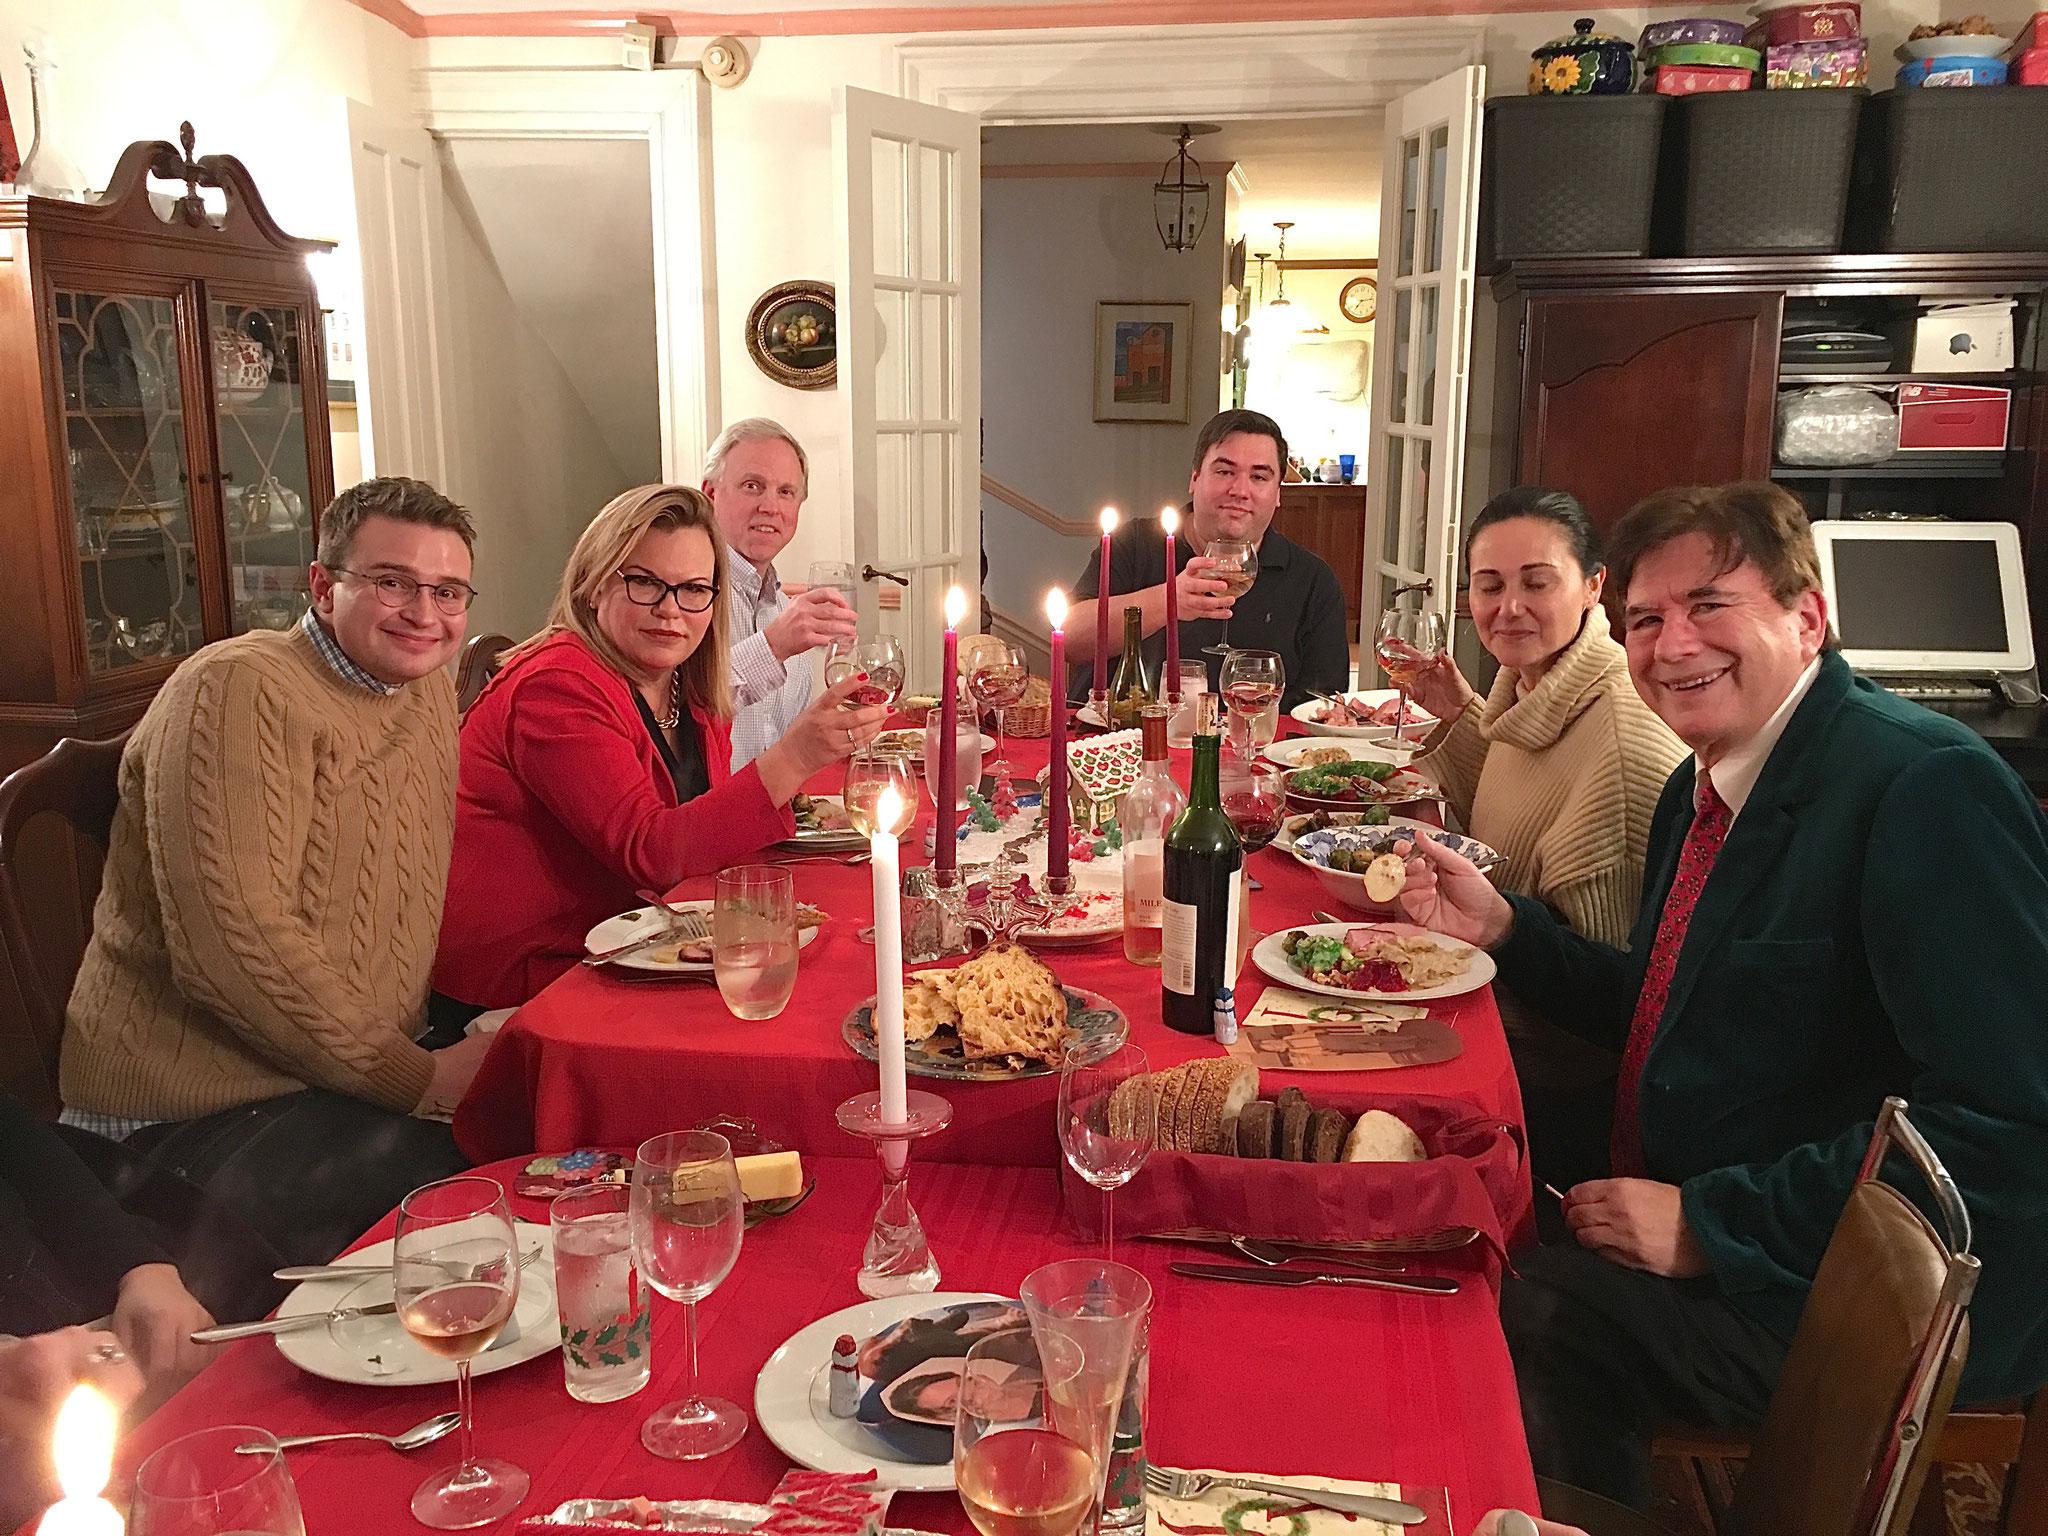 George, Celeste, Stuart Jr., Greg, Allie & John, Xmas dinner, E. 85th St.